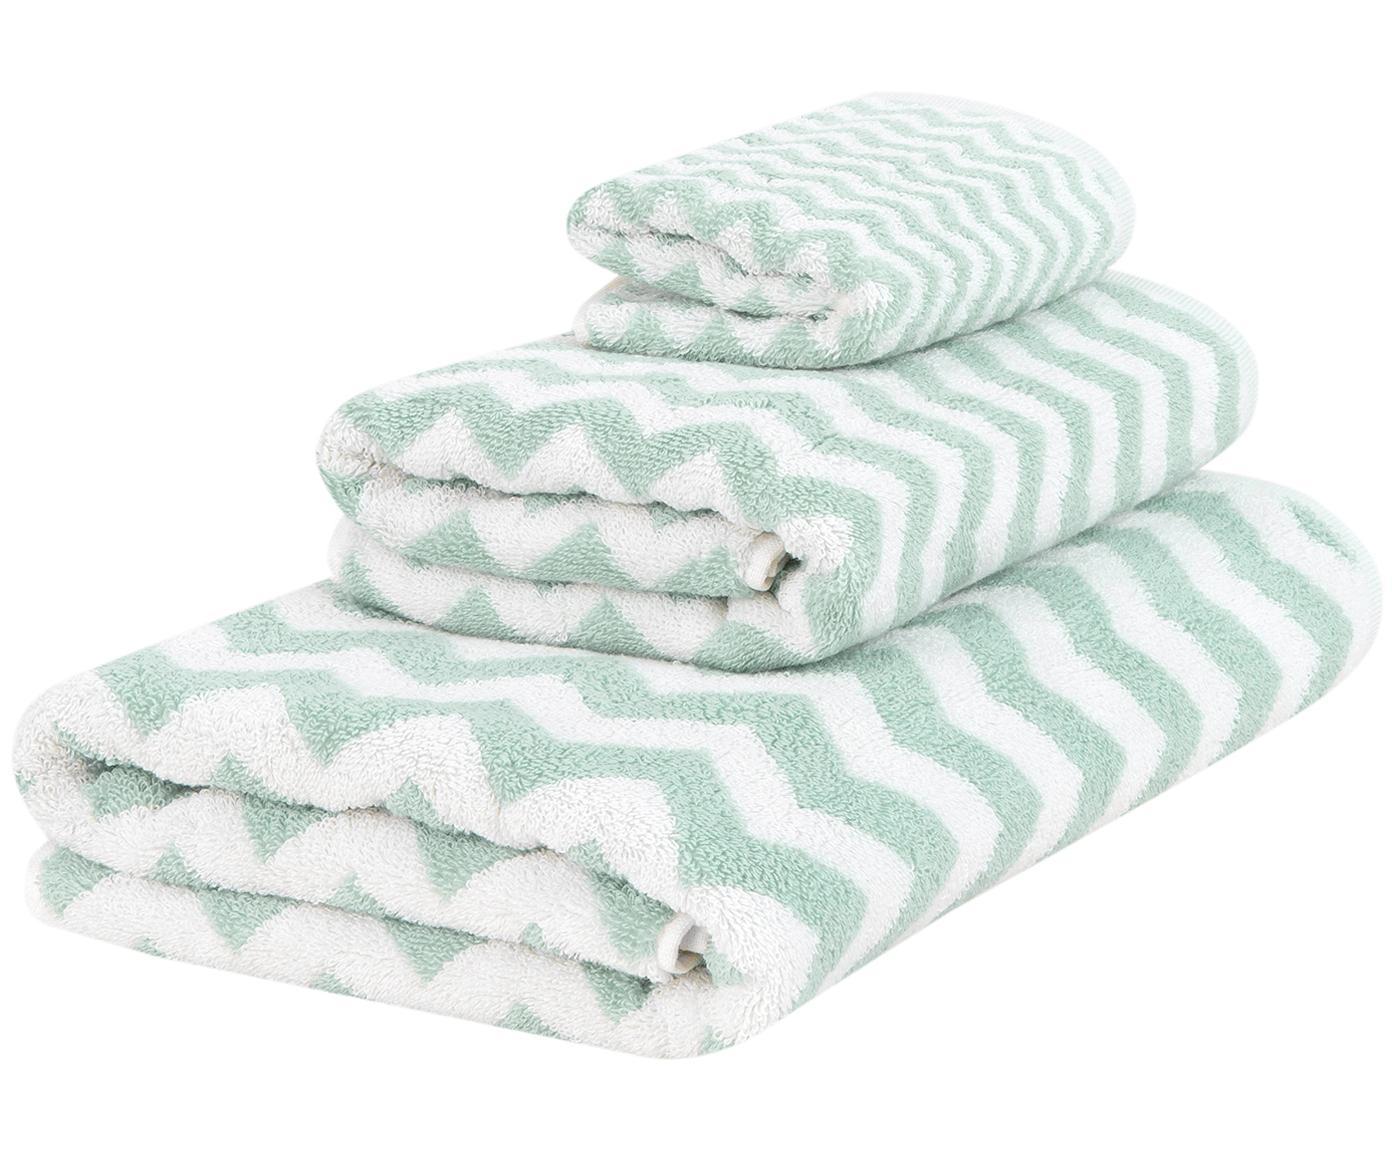 Komplet dwustronnych ręczników Liv, 3 elem., Zielony miętowy, kremowobiały, Różne rozmiary